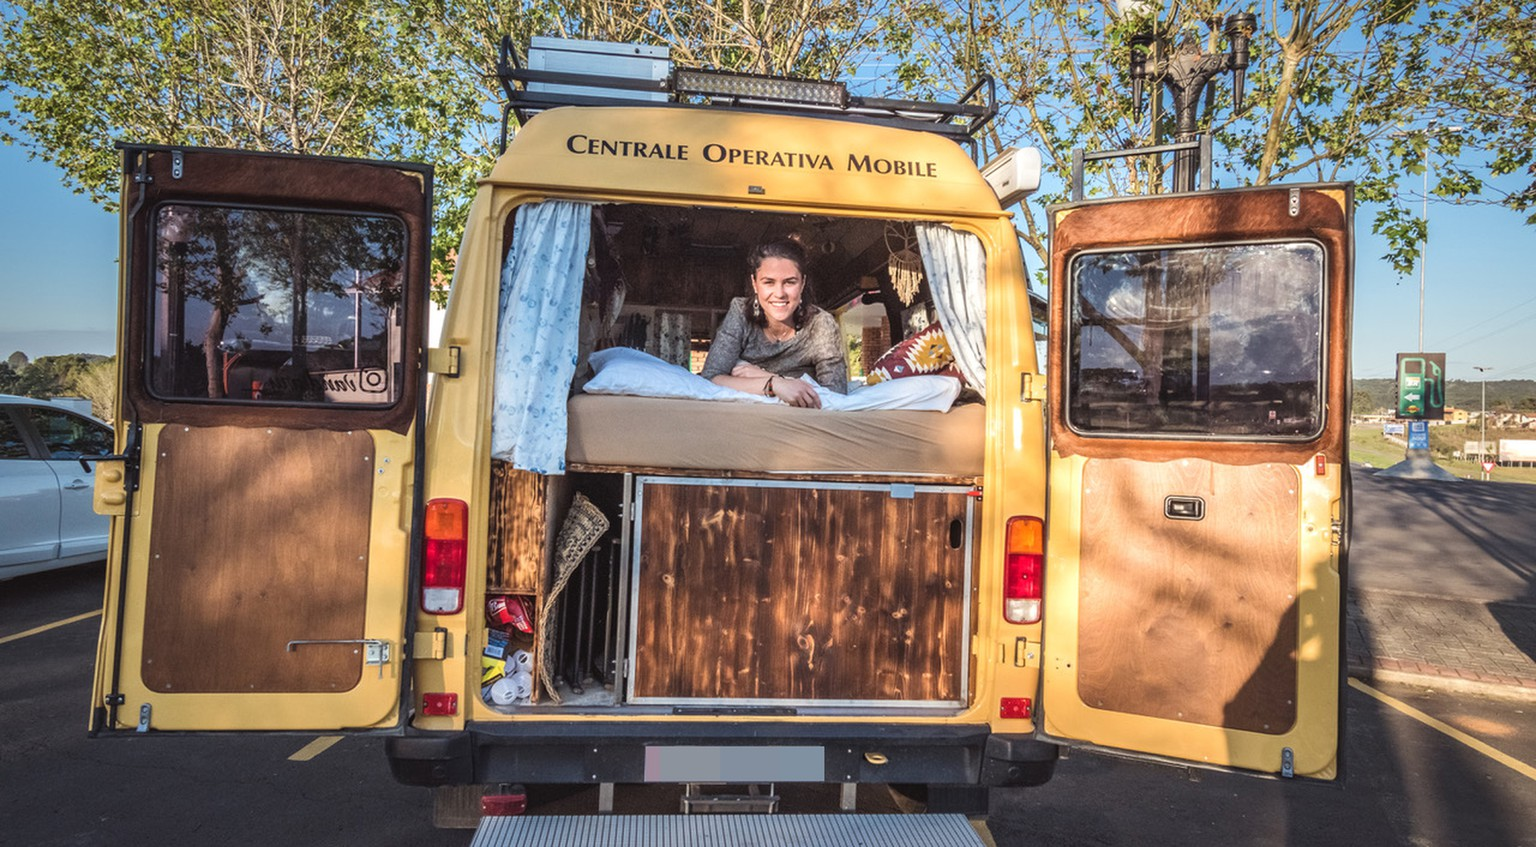 Camping Bus selber bauen: So bastelst du deinen eigenen Camper